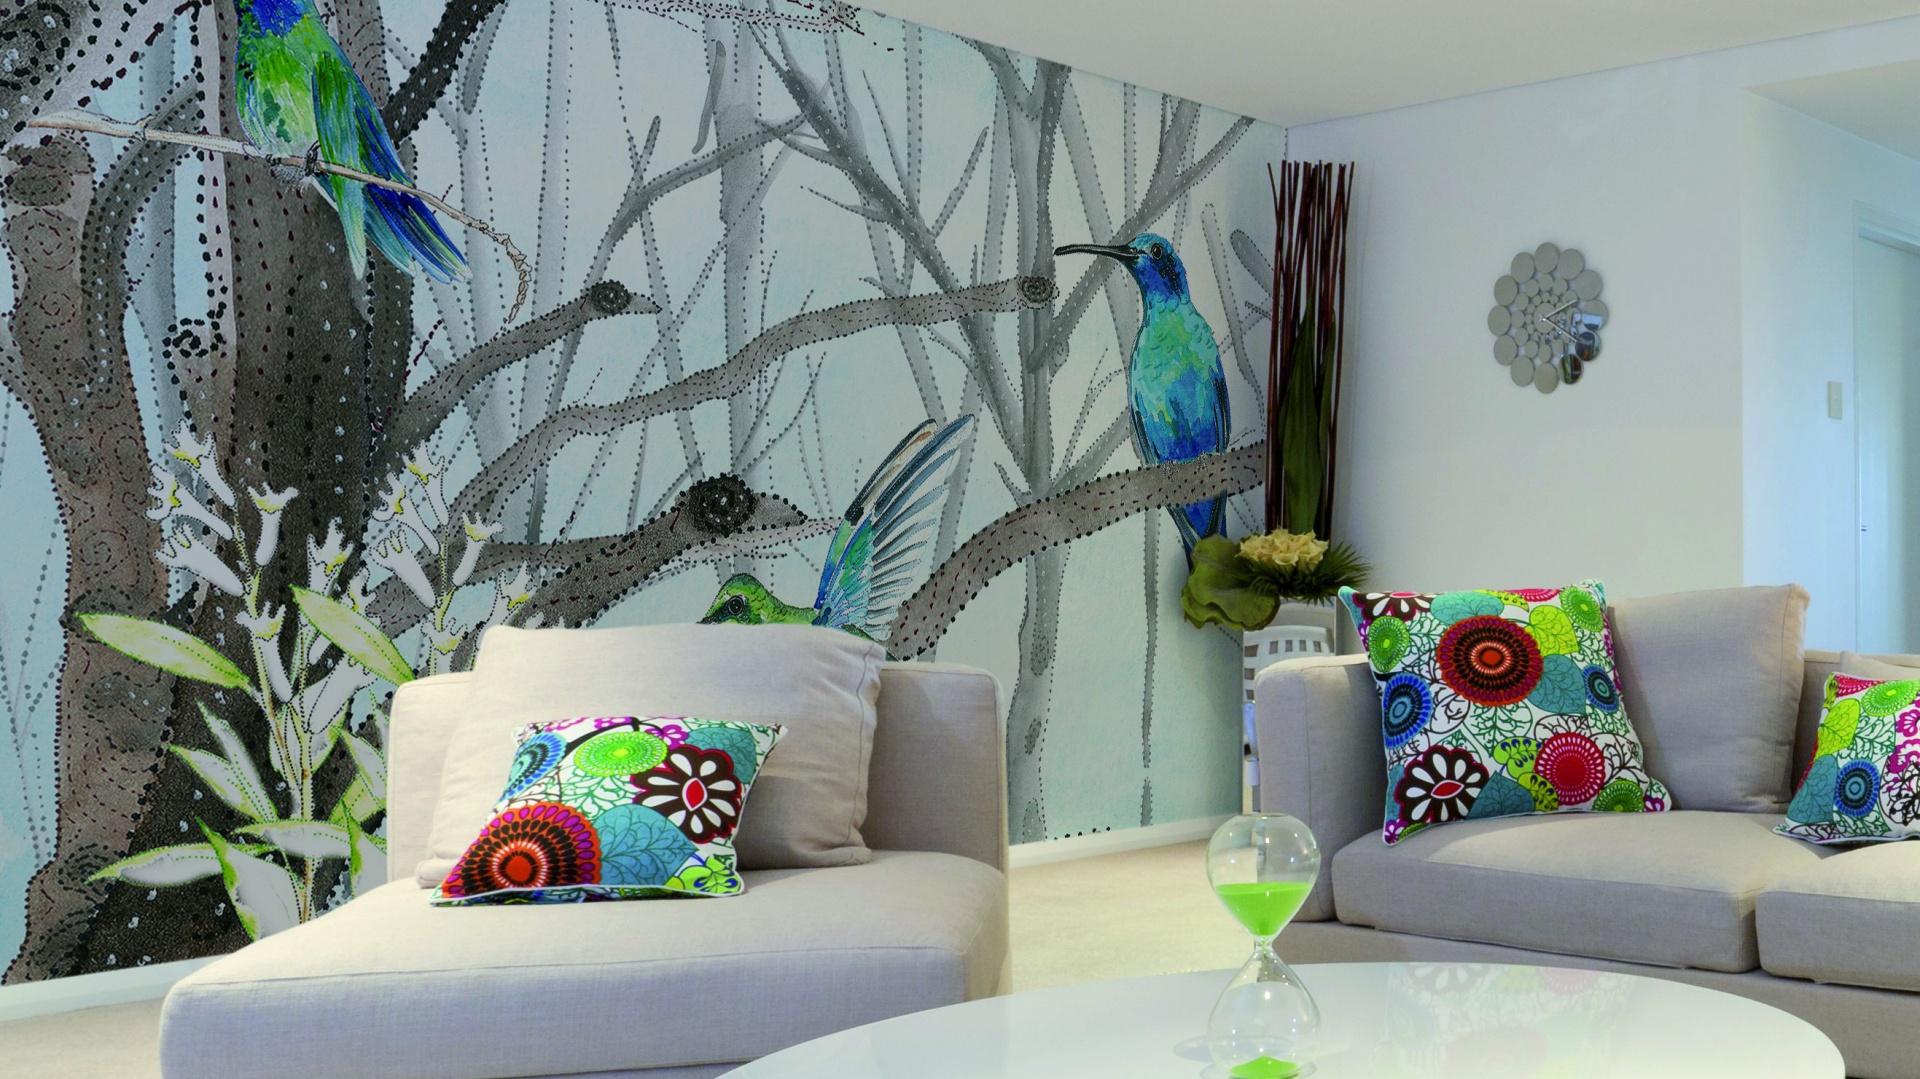 Tapeta z piękną grafiką, na której wzrok przyciągają egzotyczne ptaki. Fot. Glamora